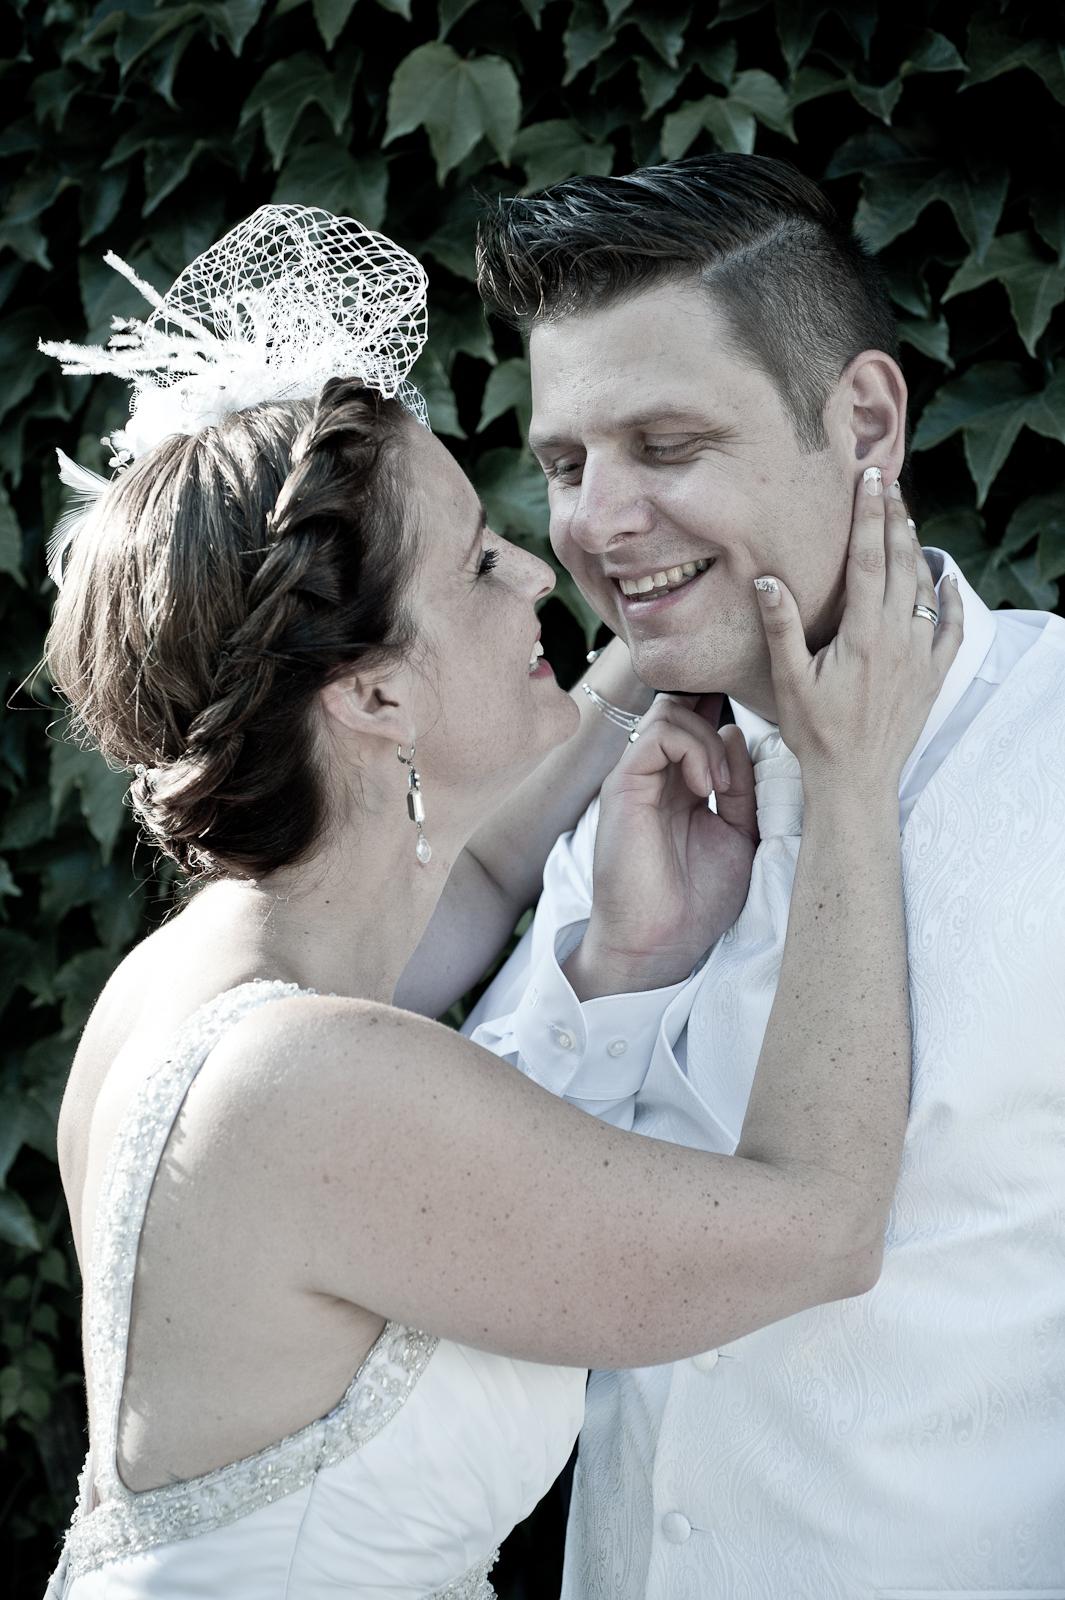 Kreative Hochzeitsfotos  Reportagen  Gnstige